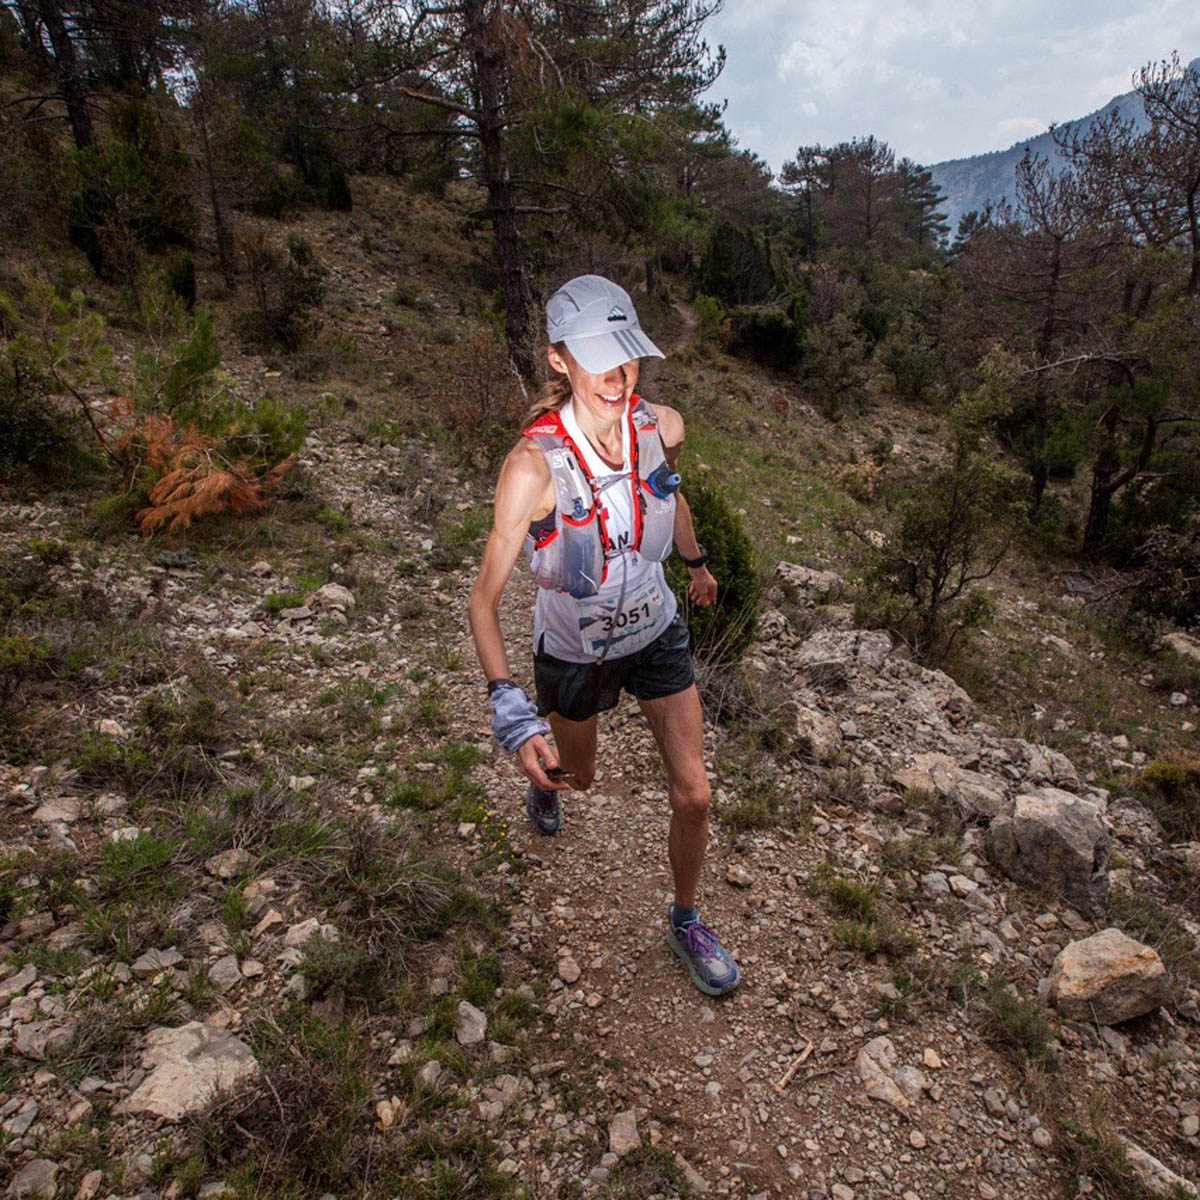 Focus sur les femmes des « championnats du monde » de trail